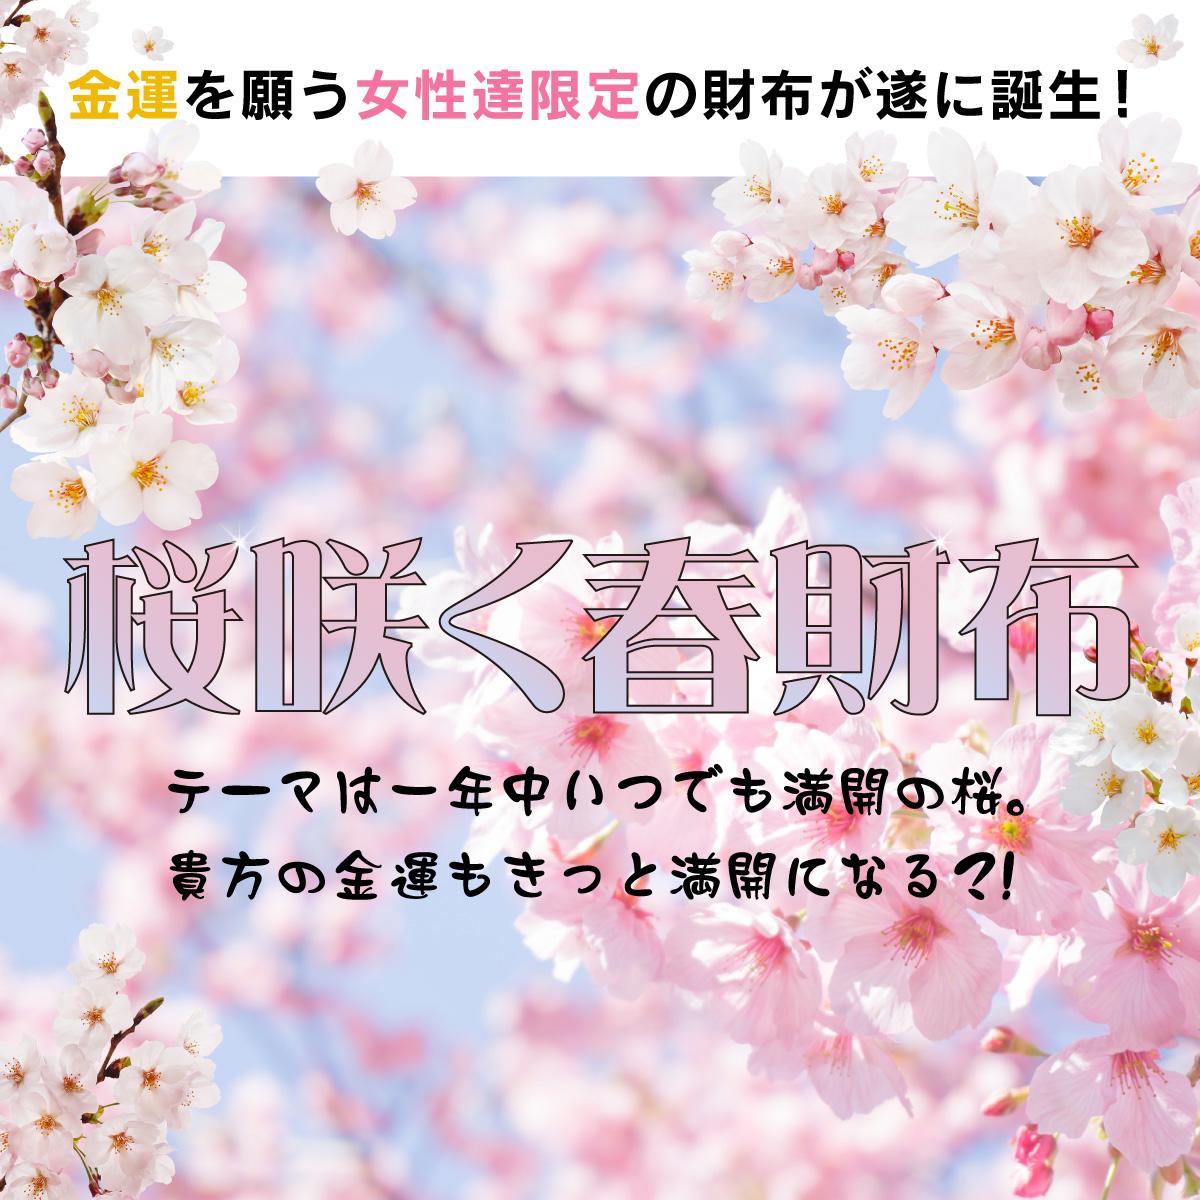 桜咲く春財布 ≫全体運の向上 開運グッズ